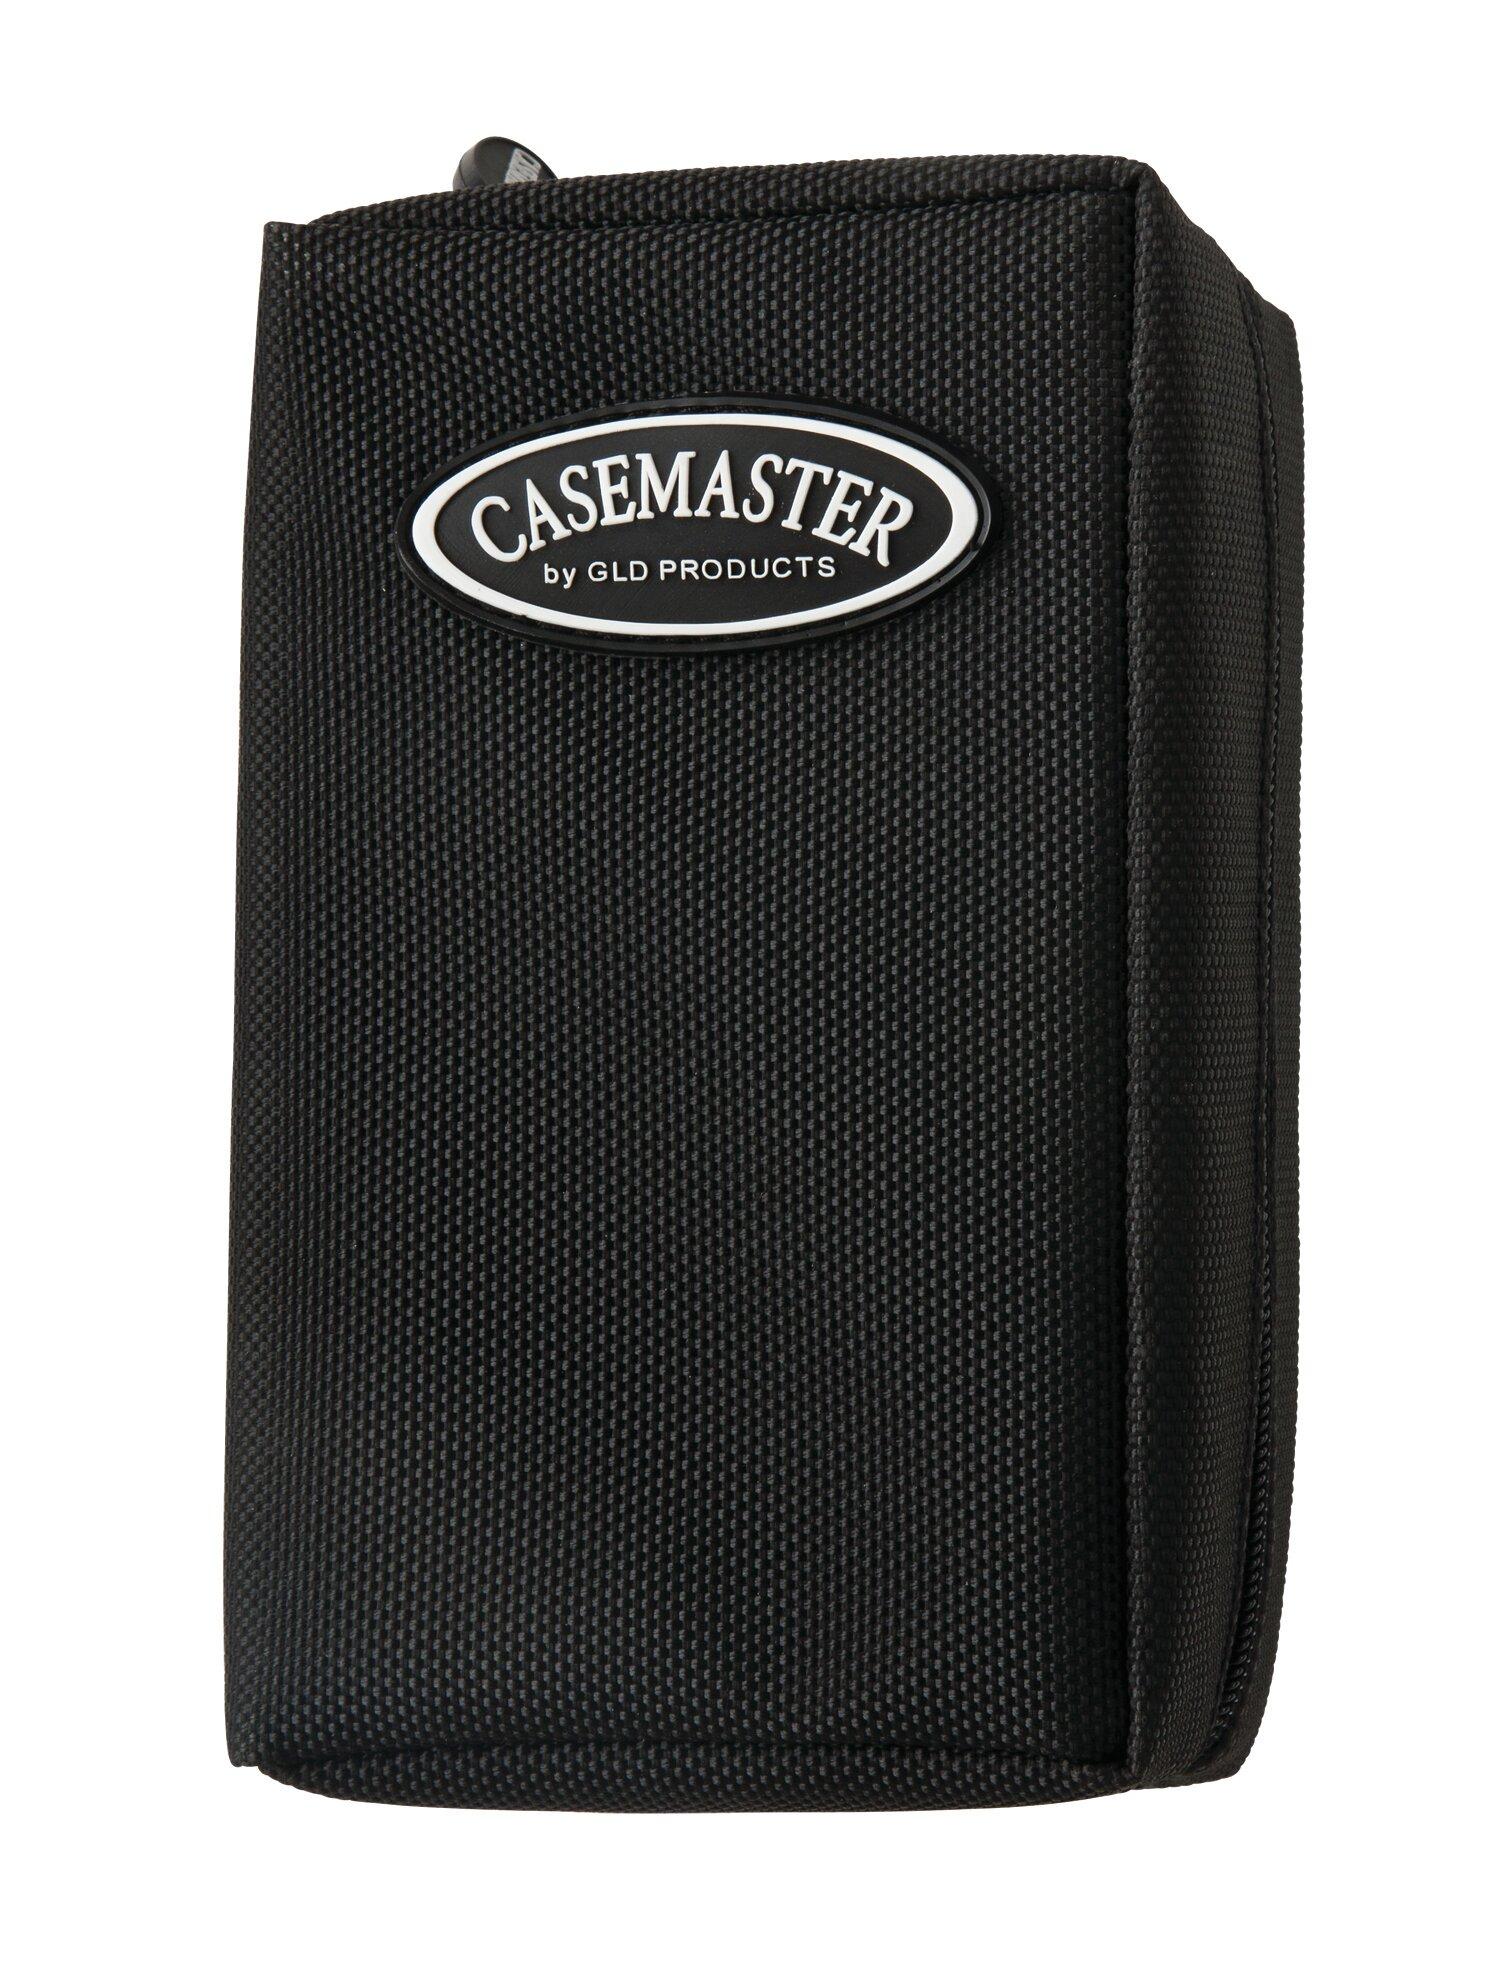 Casemaster Accolade Aluminum Hard Silver Black Dart Case 4 darts flights shafts